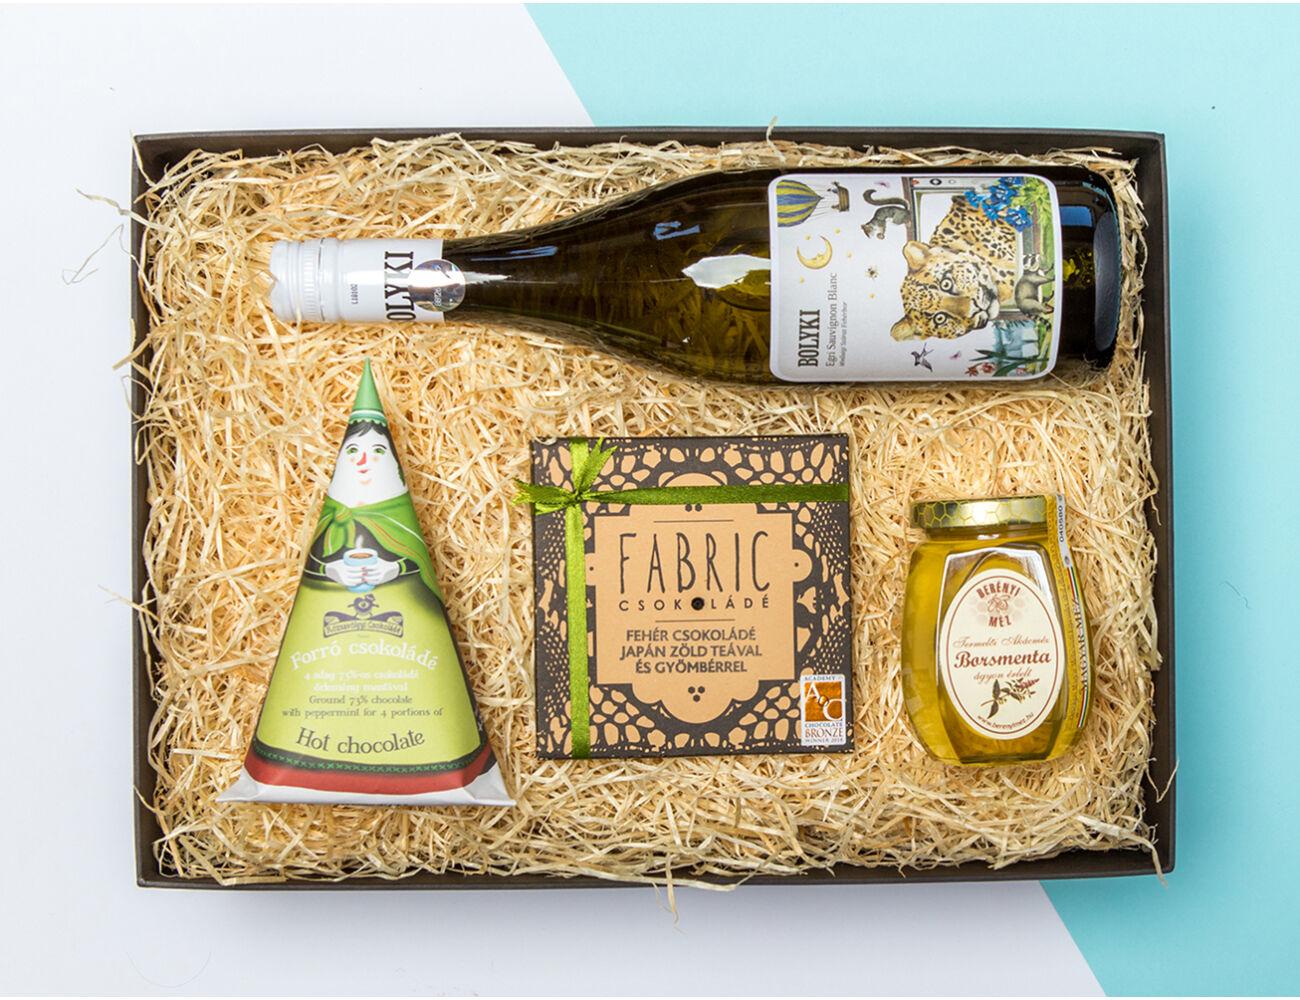 Természetes szépség ajándékcsomag - mentás forrócsoki, fehércsoki, mentás méz. És bor.